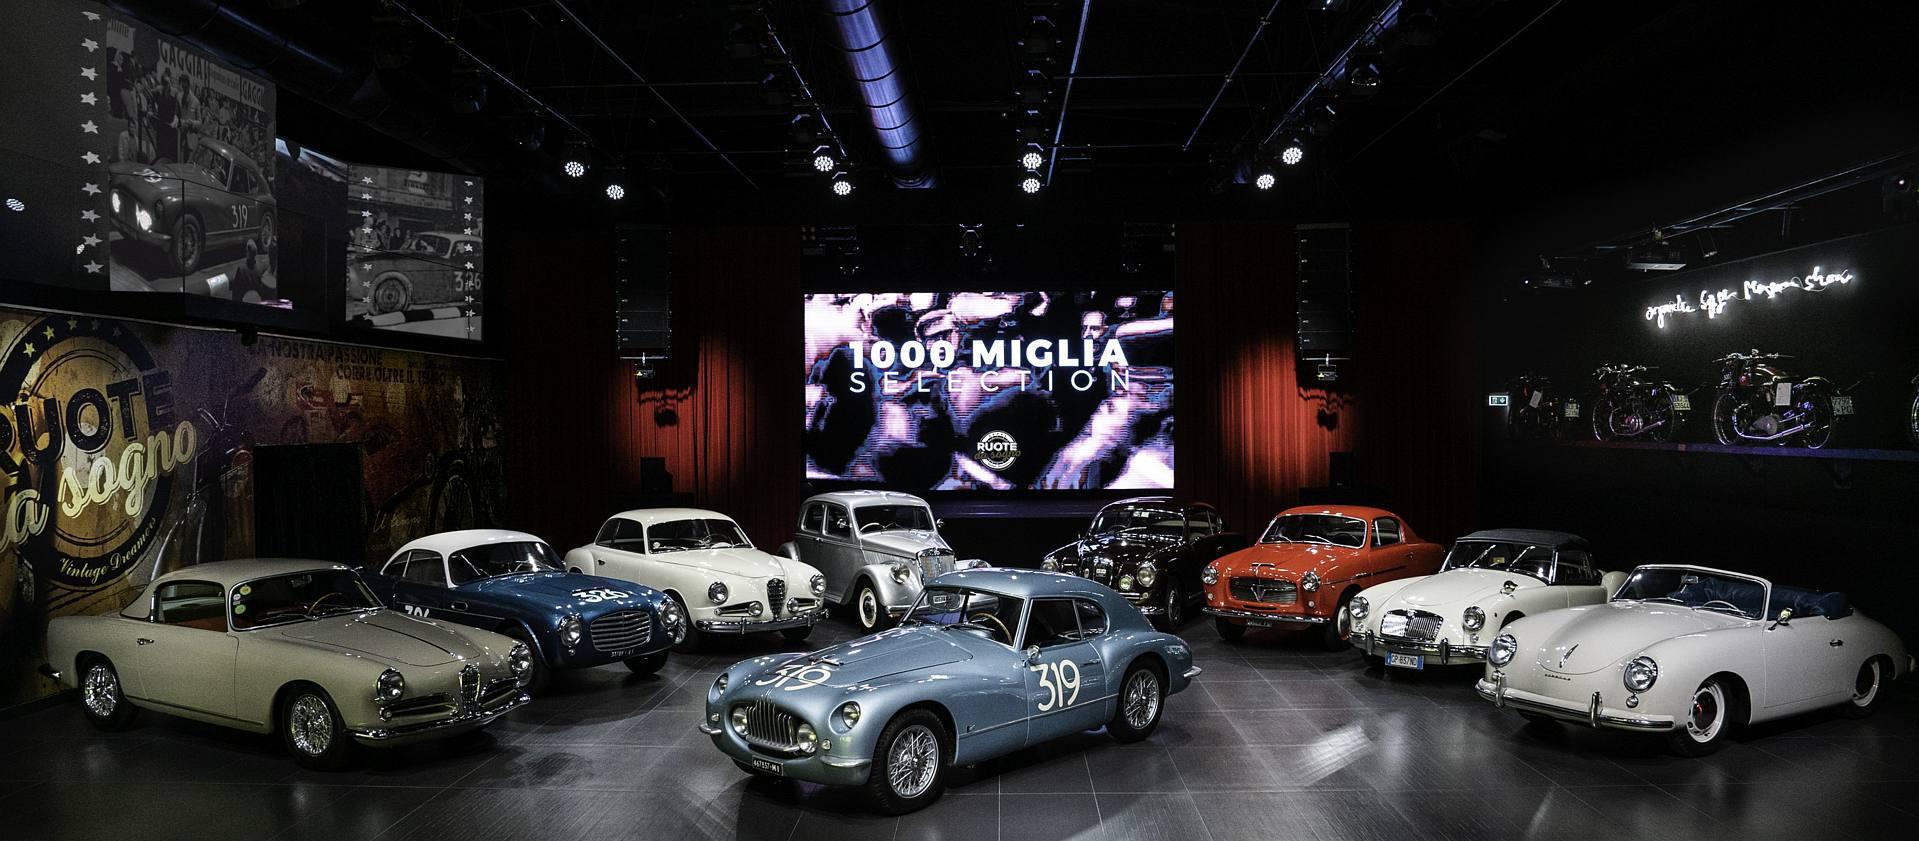 1000miglia: un video per mostrare la collezione di auto da investimento a Ruote da Sogno